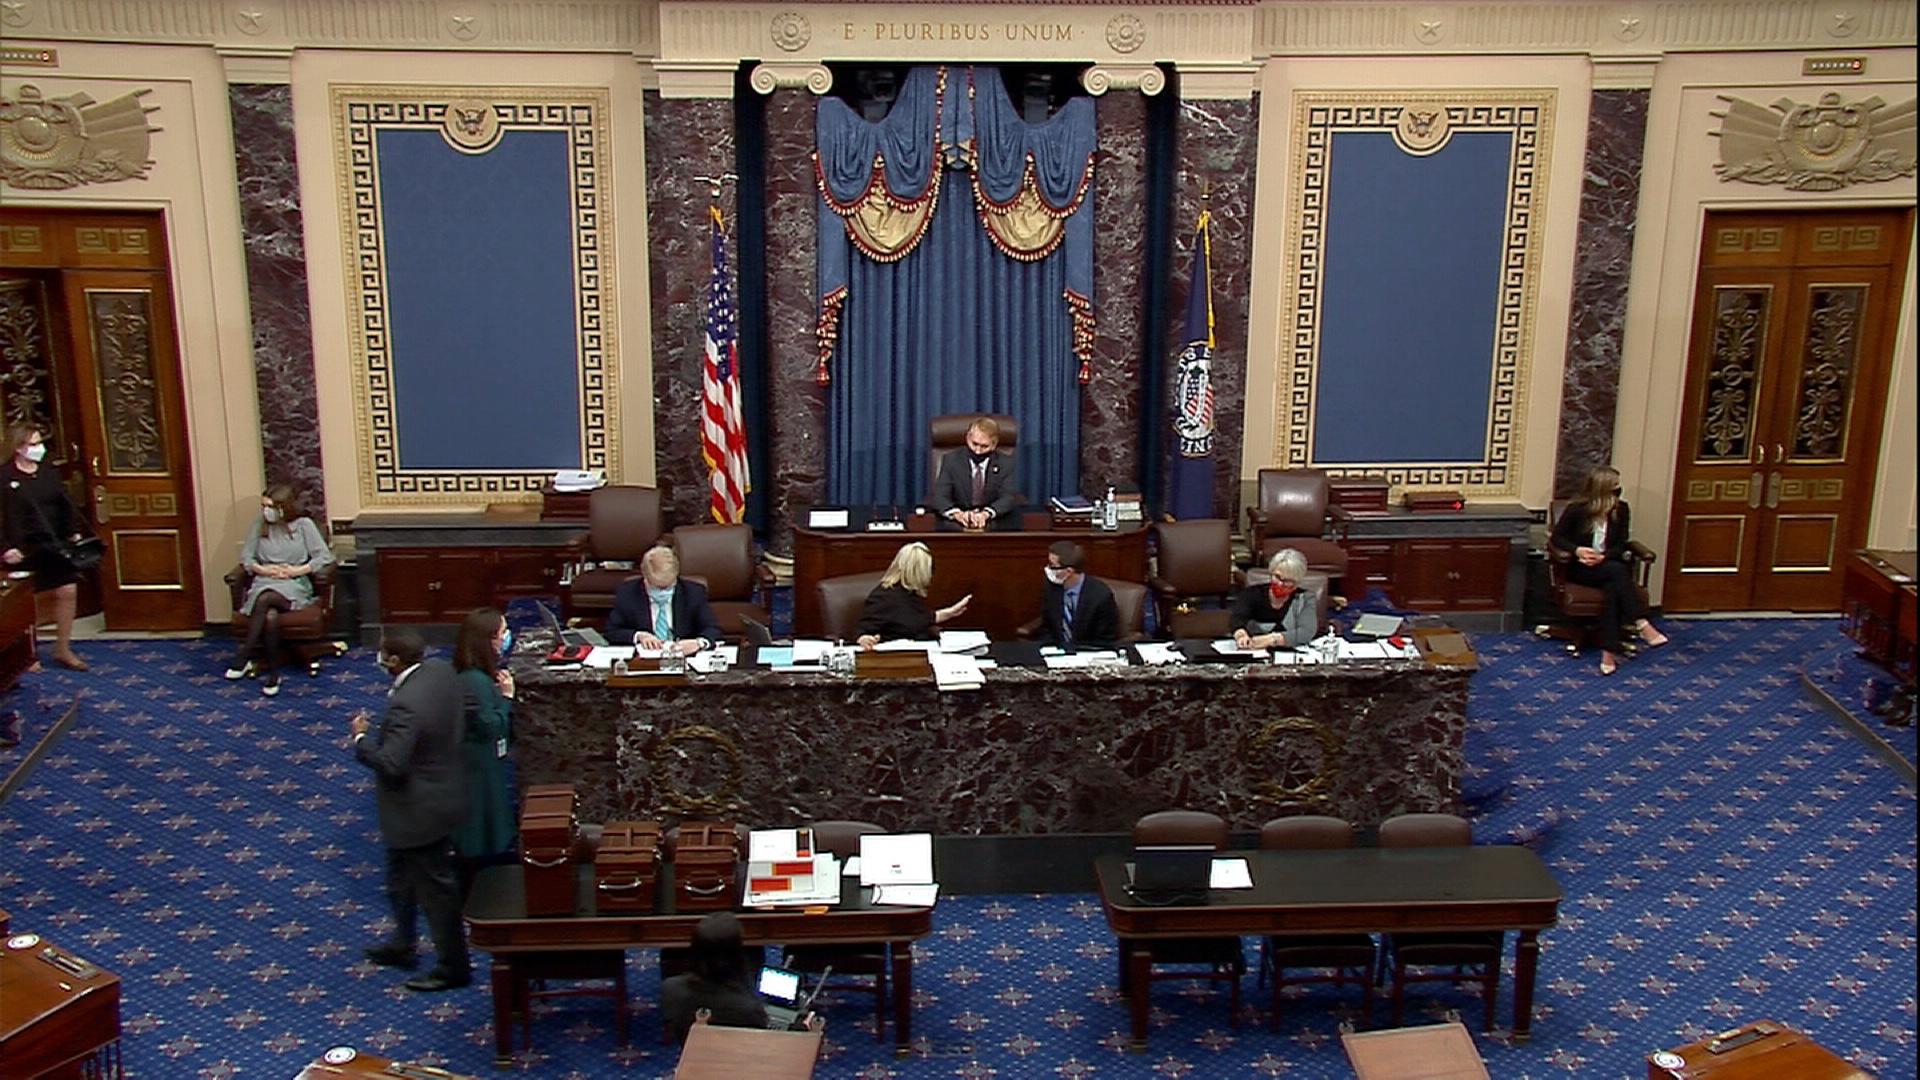 SenateTV